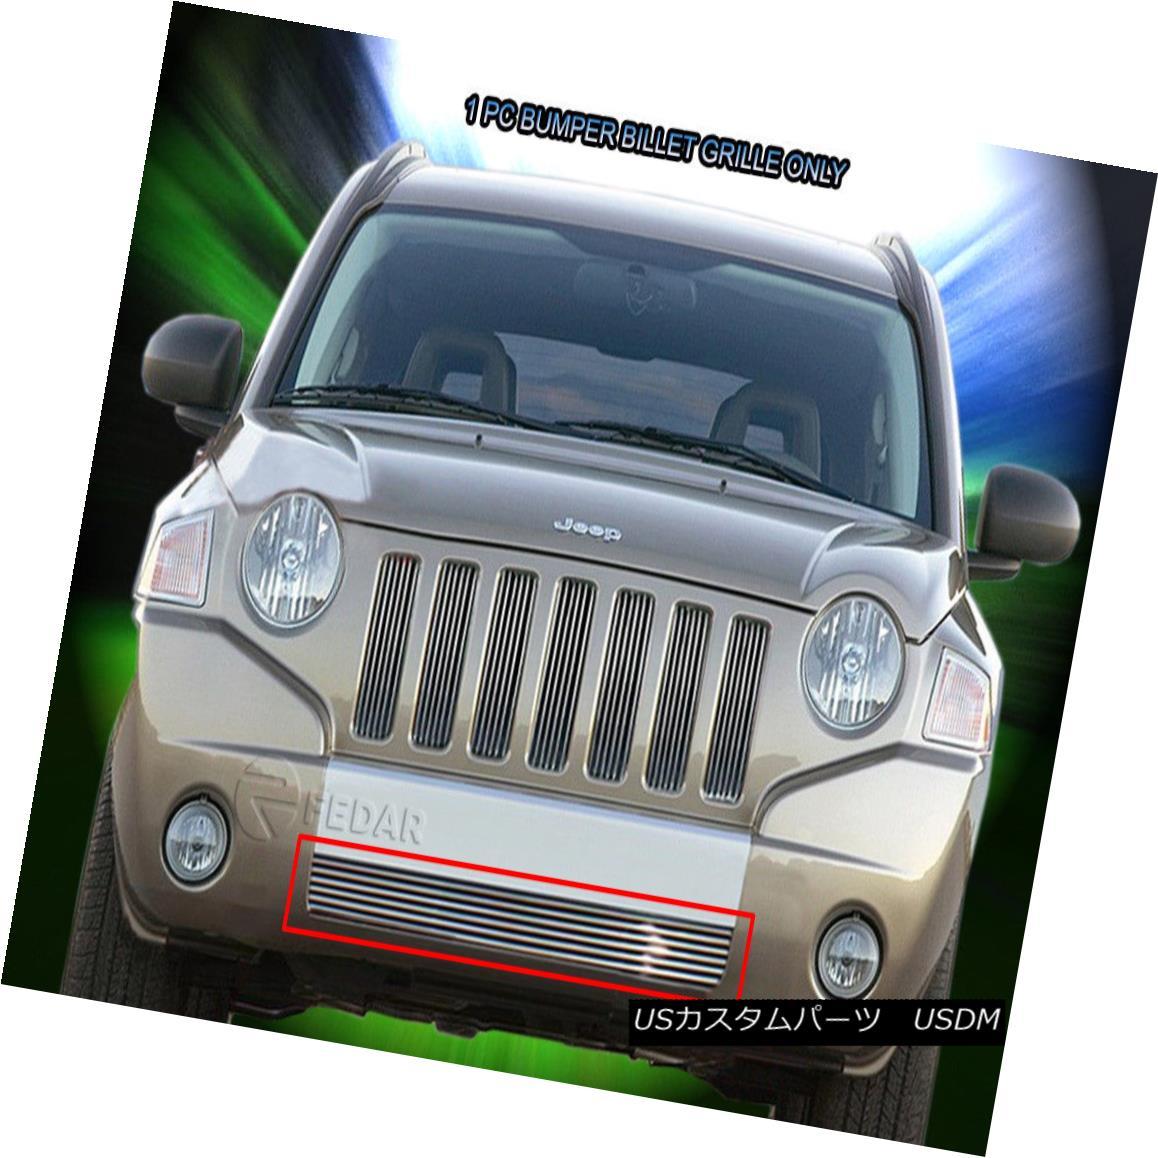 グリル Fedar Fits 06-10 Jeep Compass Lower Bumper Polished Billet Grille Overlay Fedar Fits 06-10ジープコンパスロワーバンパーポリッシュビレットグリルオーバーレイ